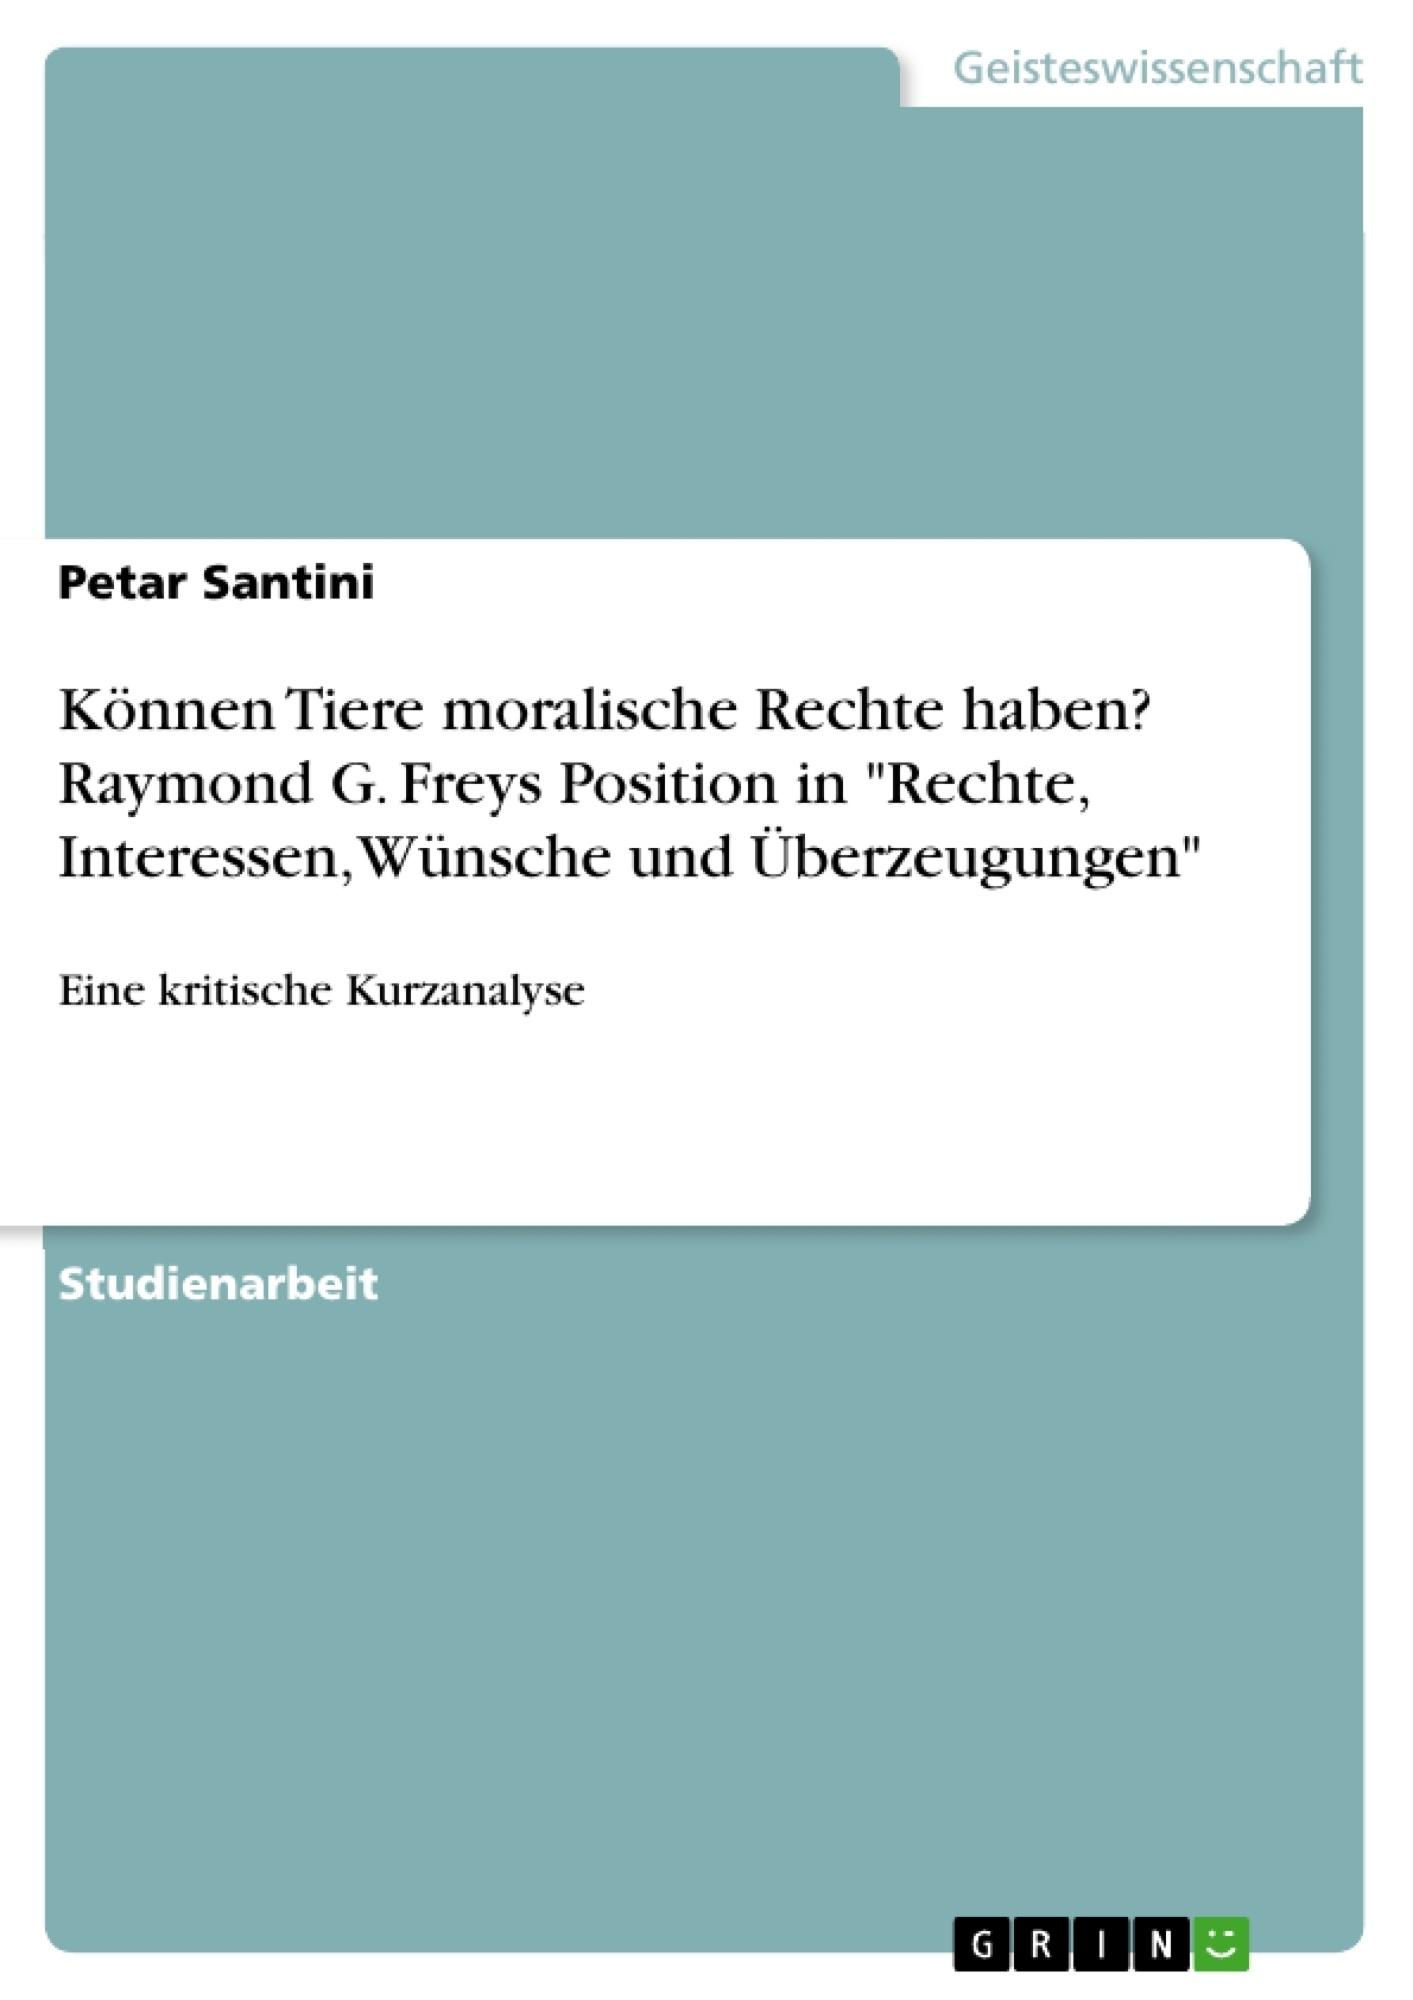 """Titel: Können Tiere moralische Rechte haben? Raymond G. Freys Position in """"Rechte, Interessen, Wünsche und Überzeugungen"""""""